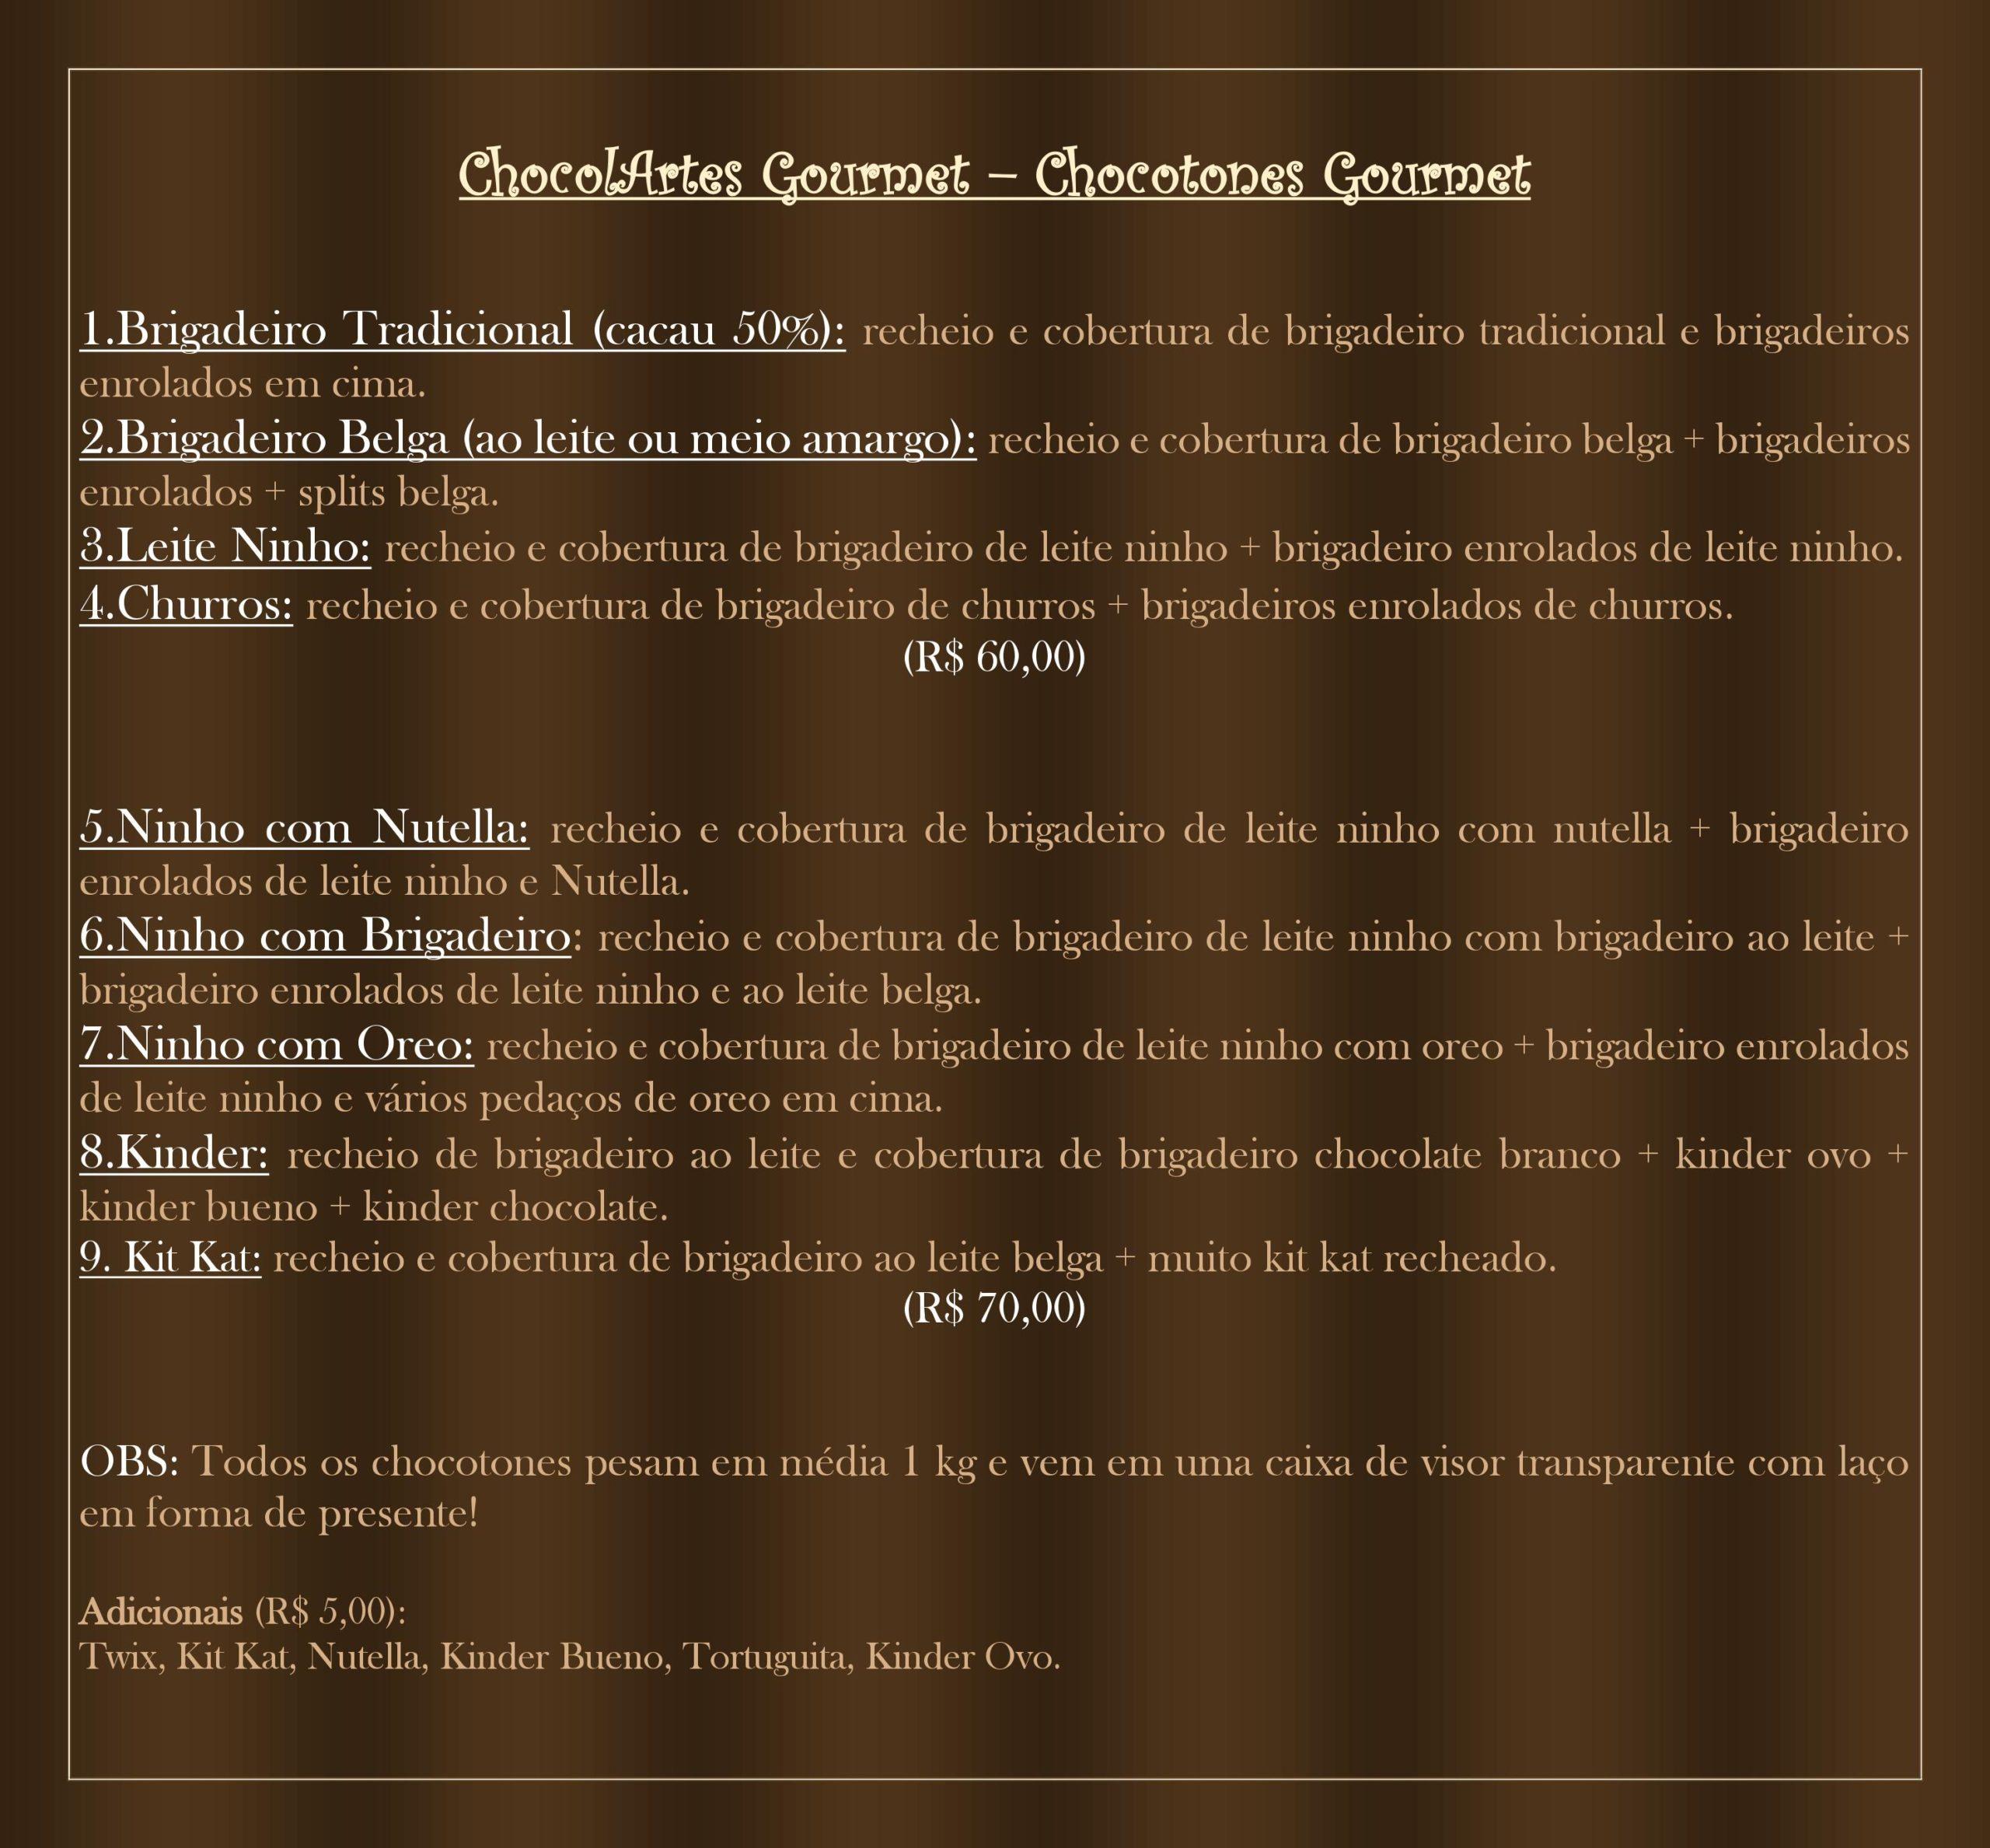 chocolartes gourmet 1